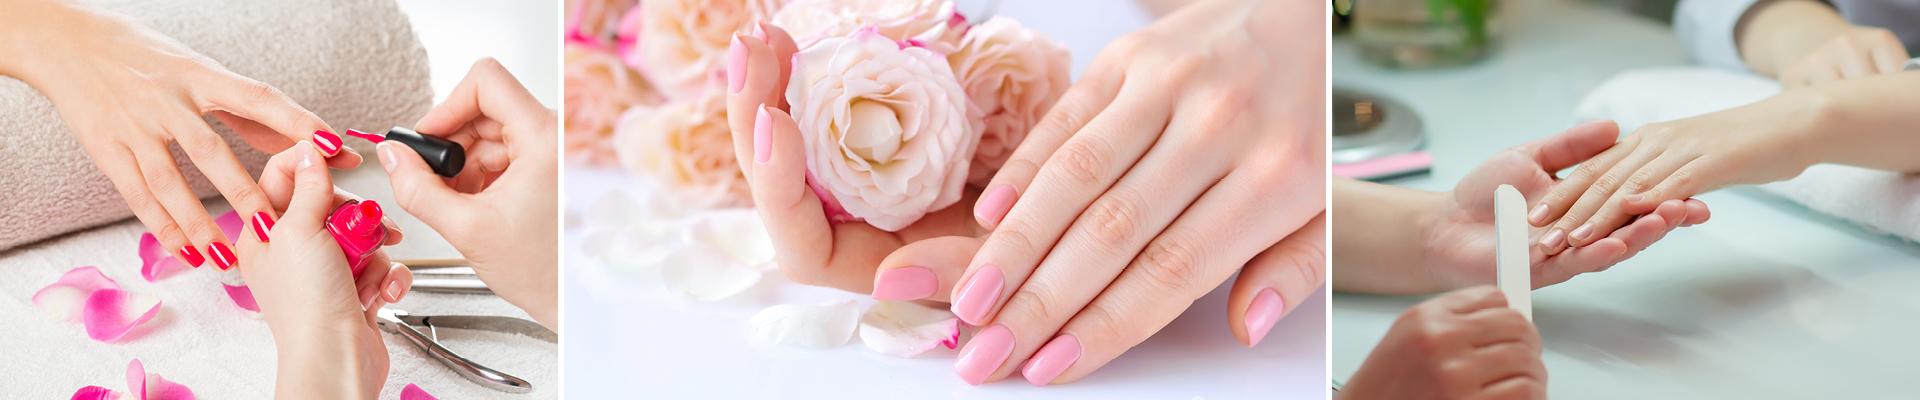 naglar värmdö